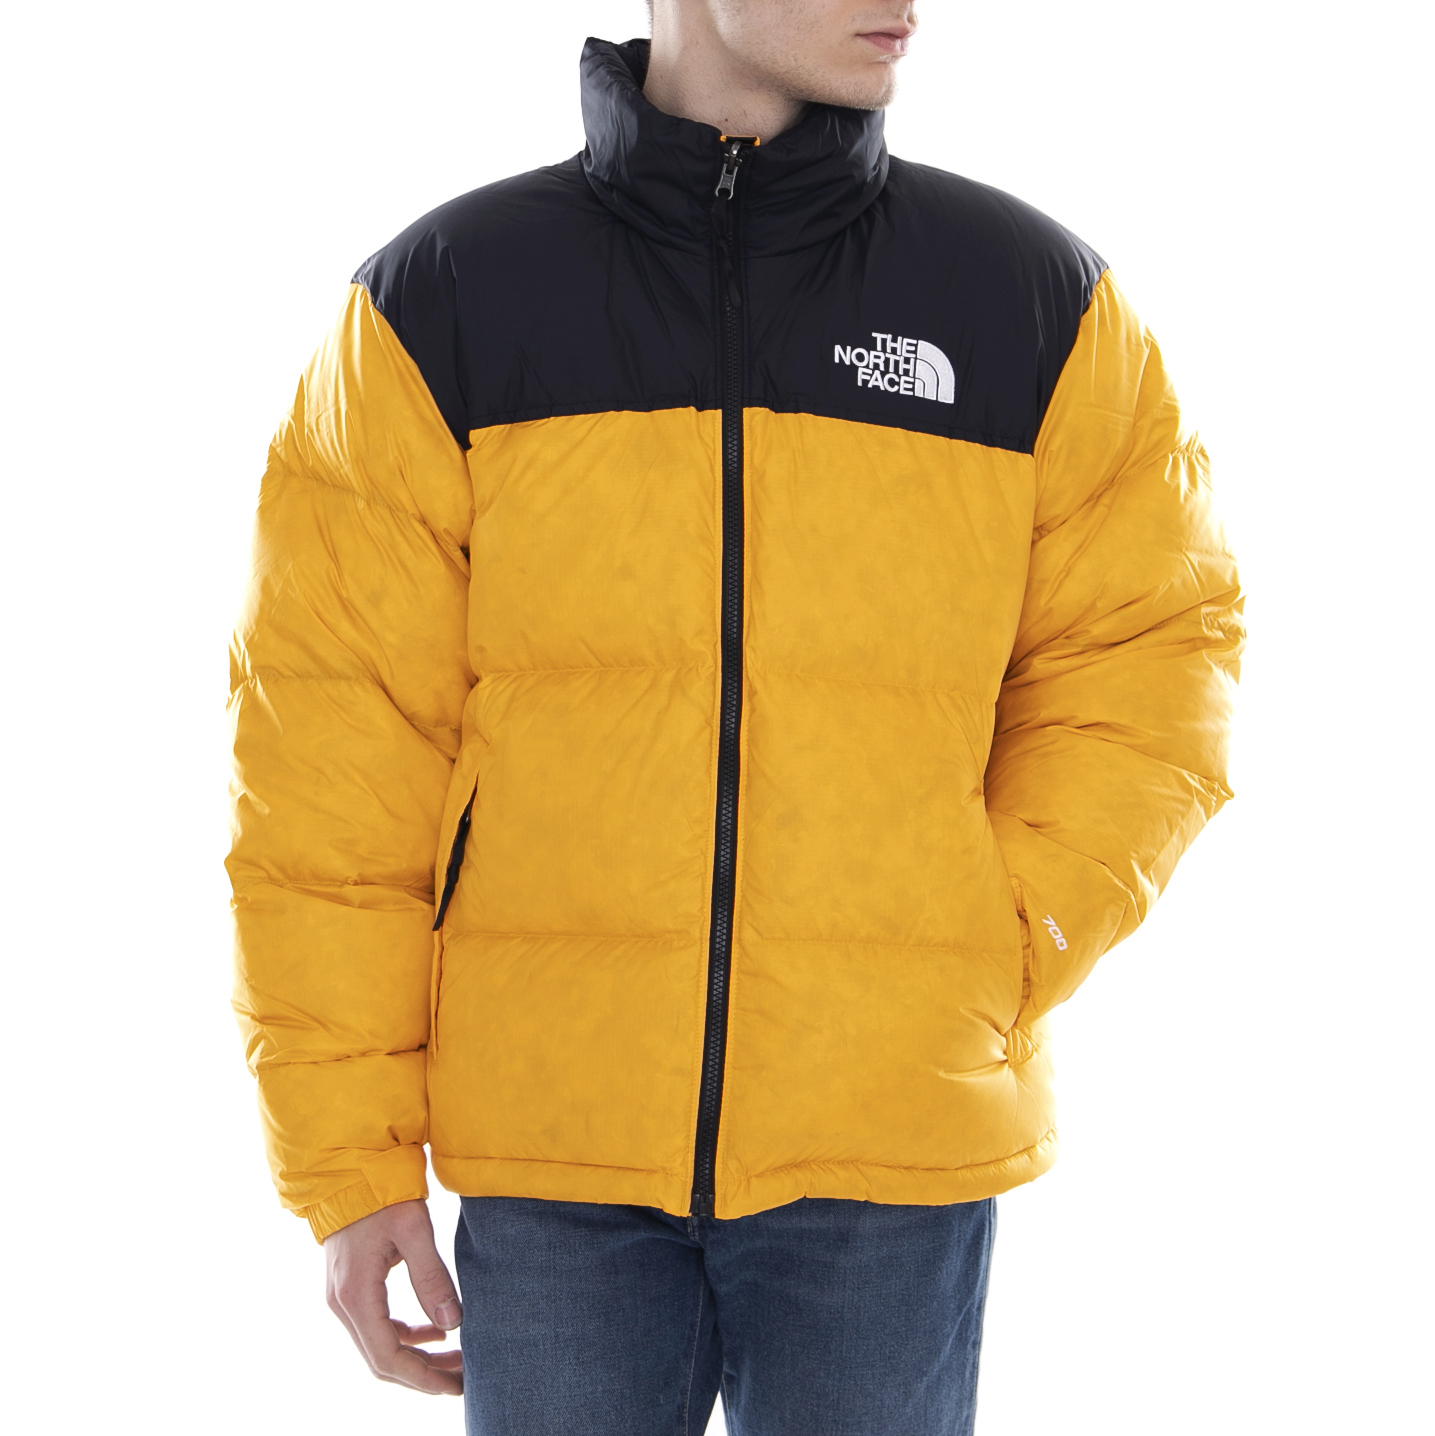 The north face jacket m 1996 rto nuptse jacket zinnia orange orange ... a6fcf89b4